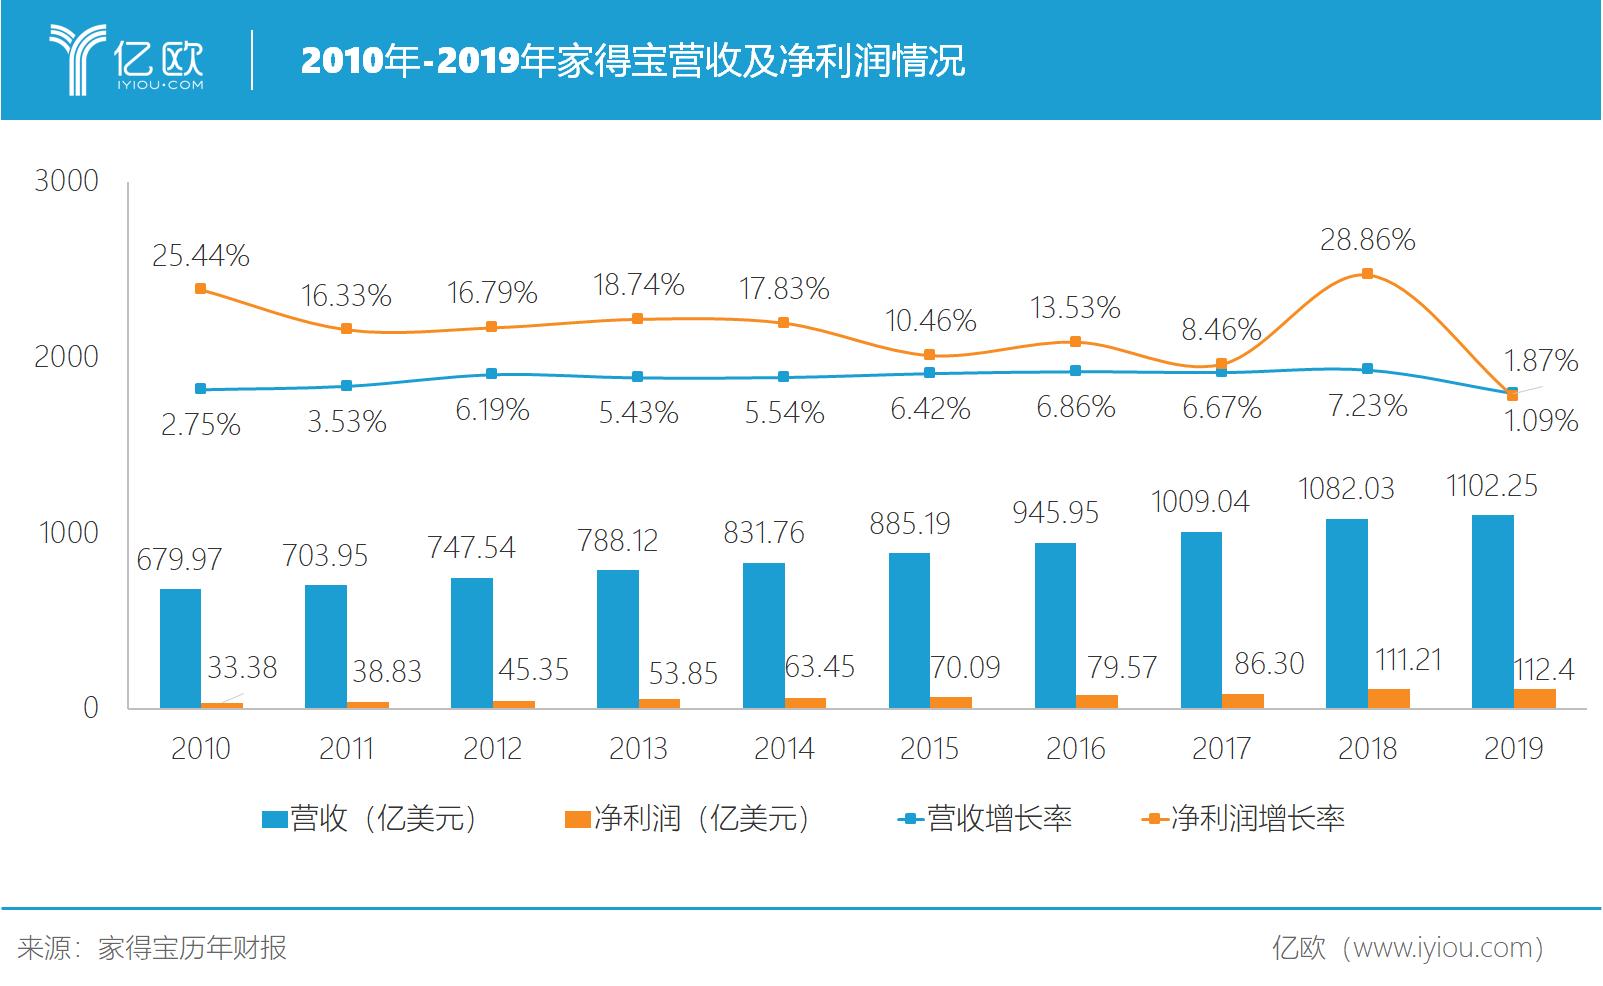 2010年-2018年家得宝营收及净利润情况.png